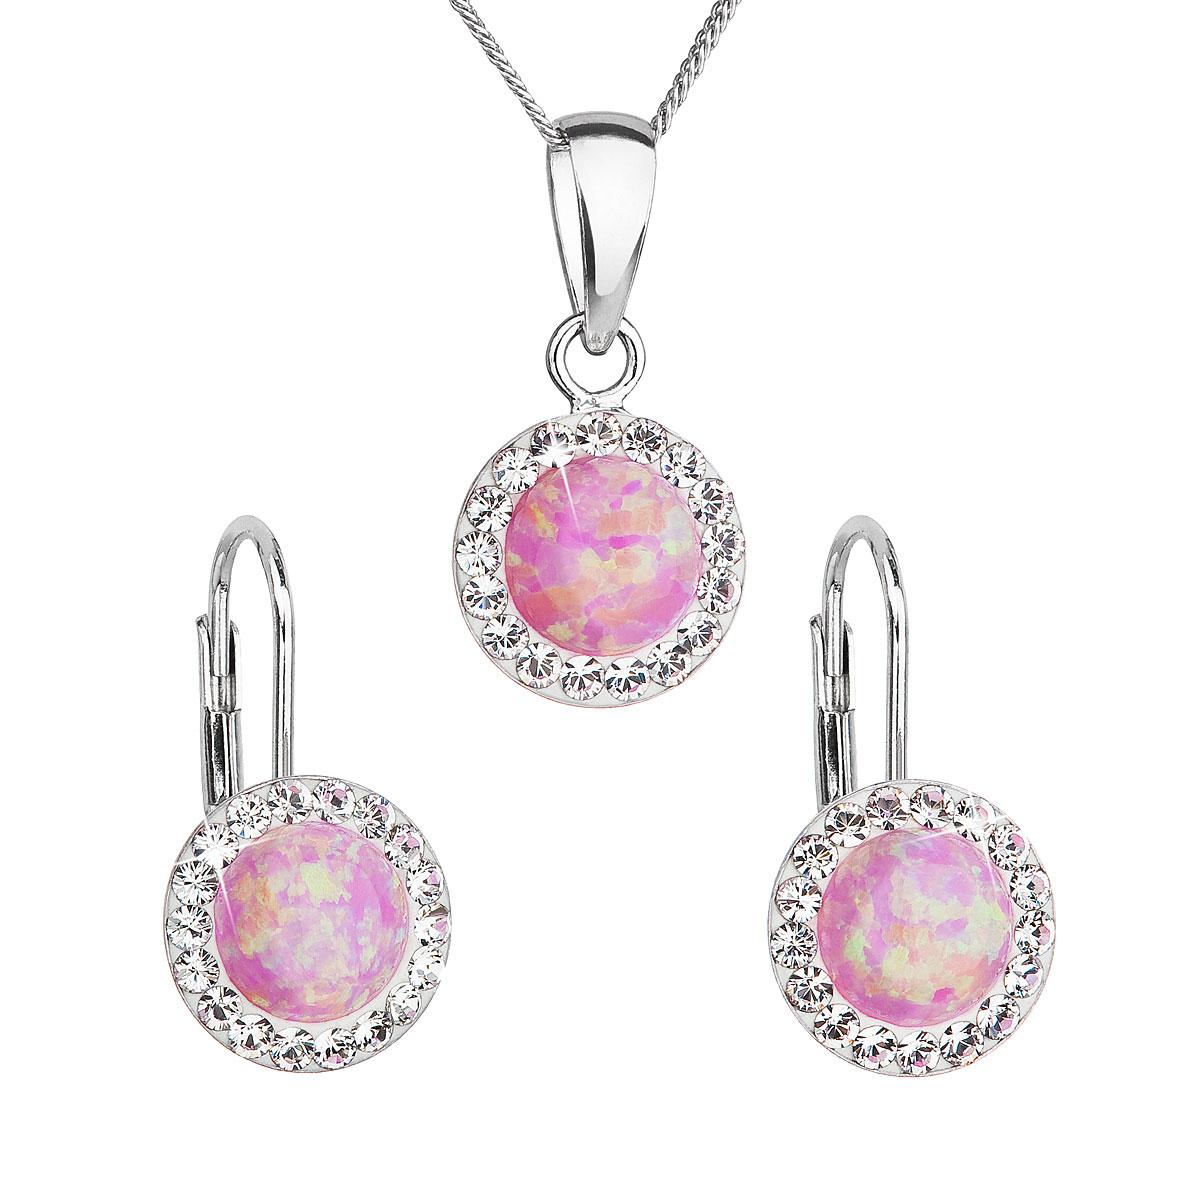 Sada šperků se syntetickým opálem a krystaly Swarovski náušnice a přívěšek světle růžové kulaté 39160.1